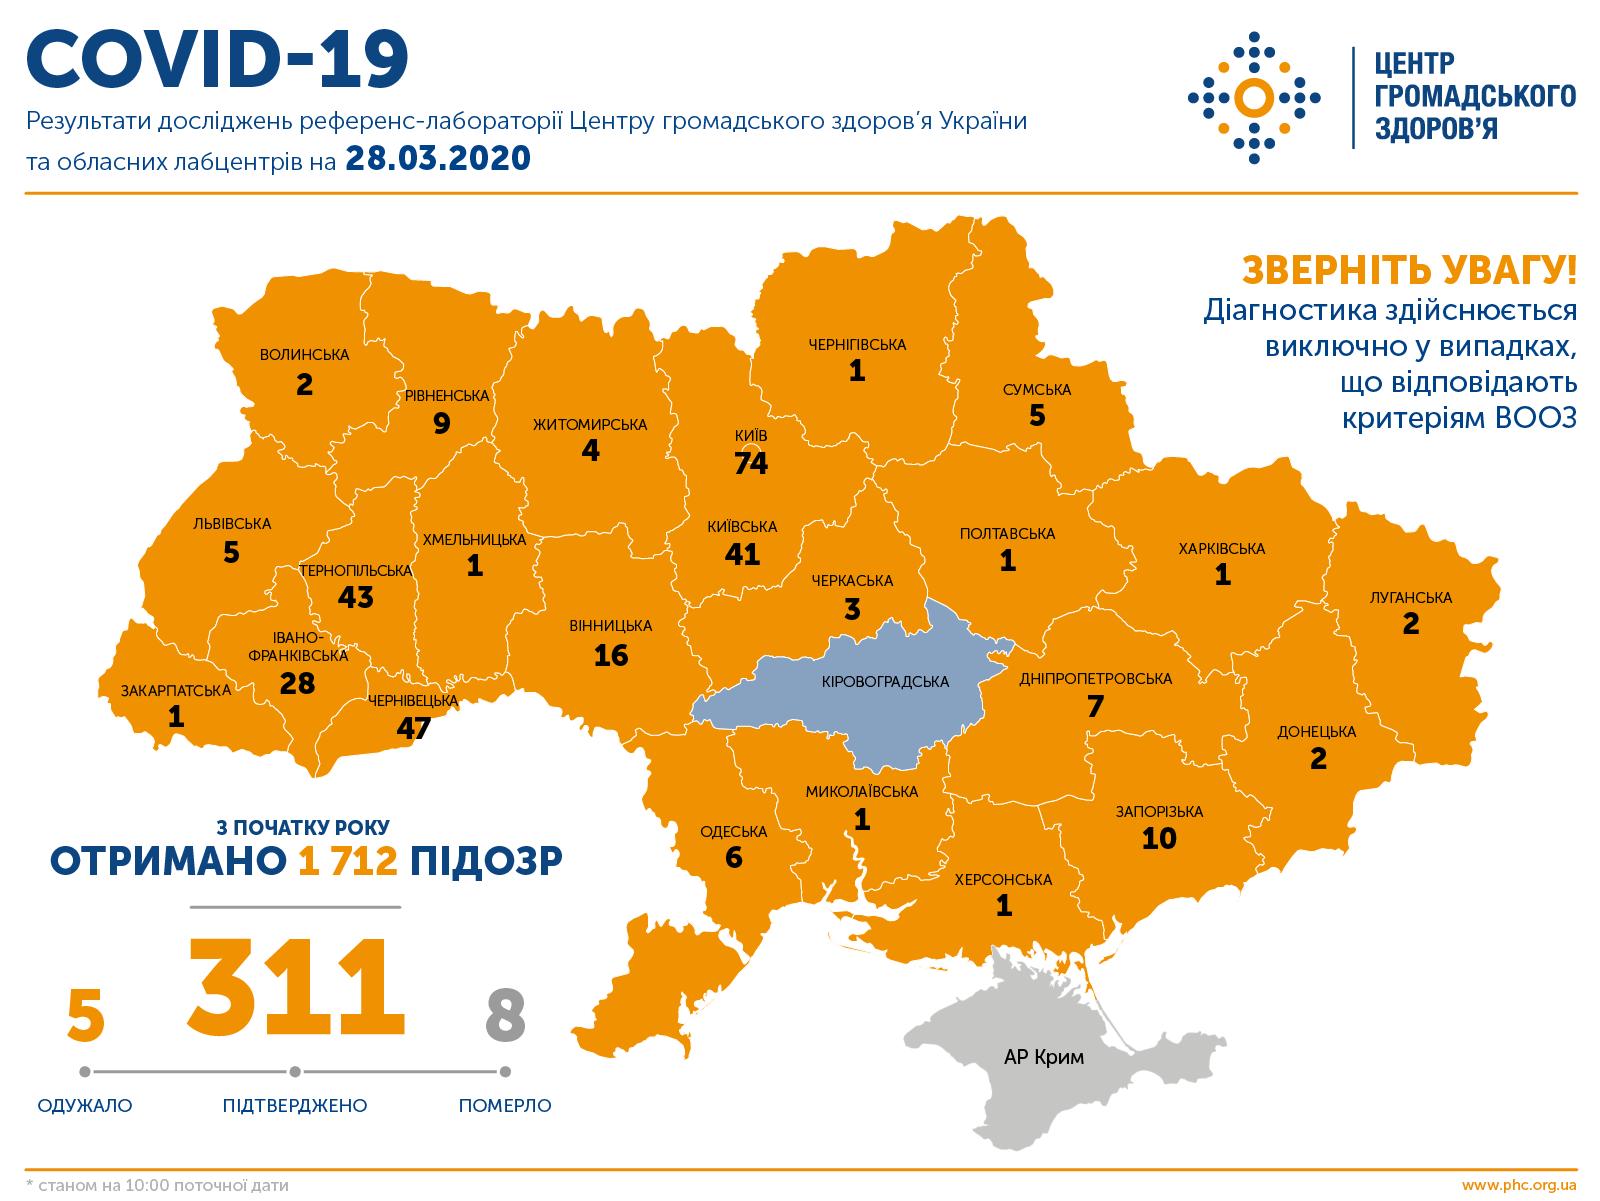 Коронавирус в Украине убил уже 8 человек, больных – 311: данные по областям